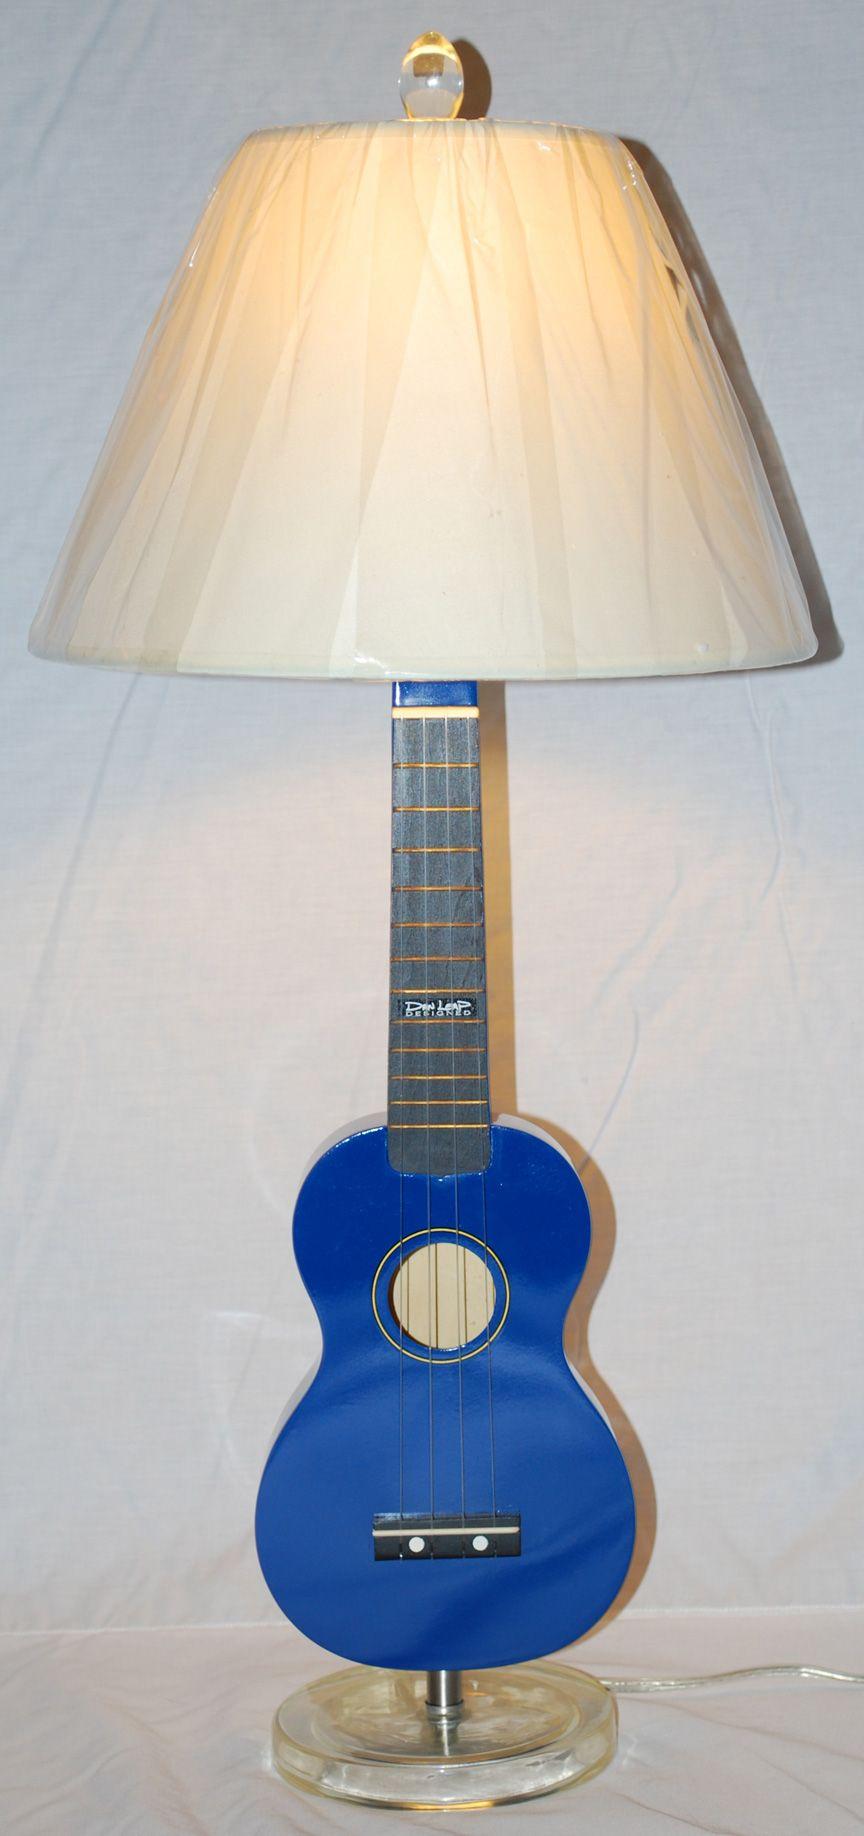 Ukulele Lamp So Going To Do This With Our Inherited Ukelele Guitarlamp Com Ukulele Ukelele Lamp